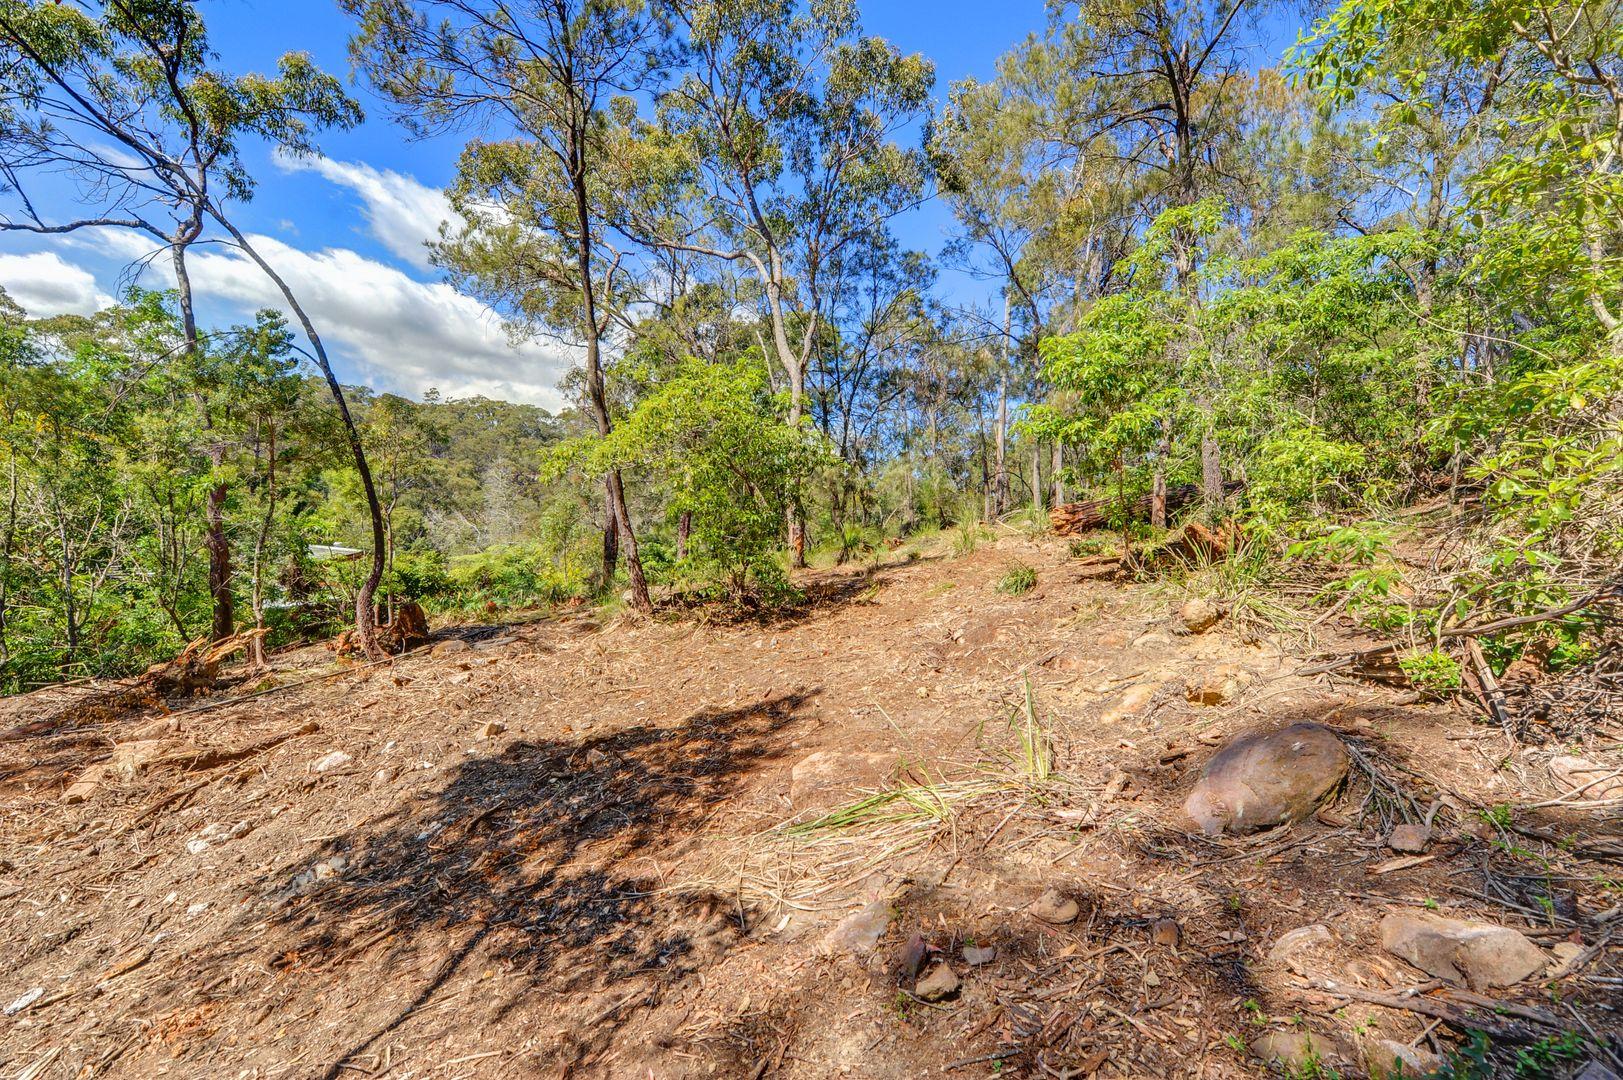 Lot 6, 3 Willunga Road, Berowra NSW 2081, Image 0